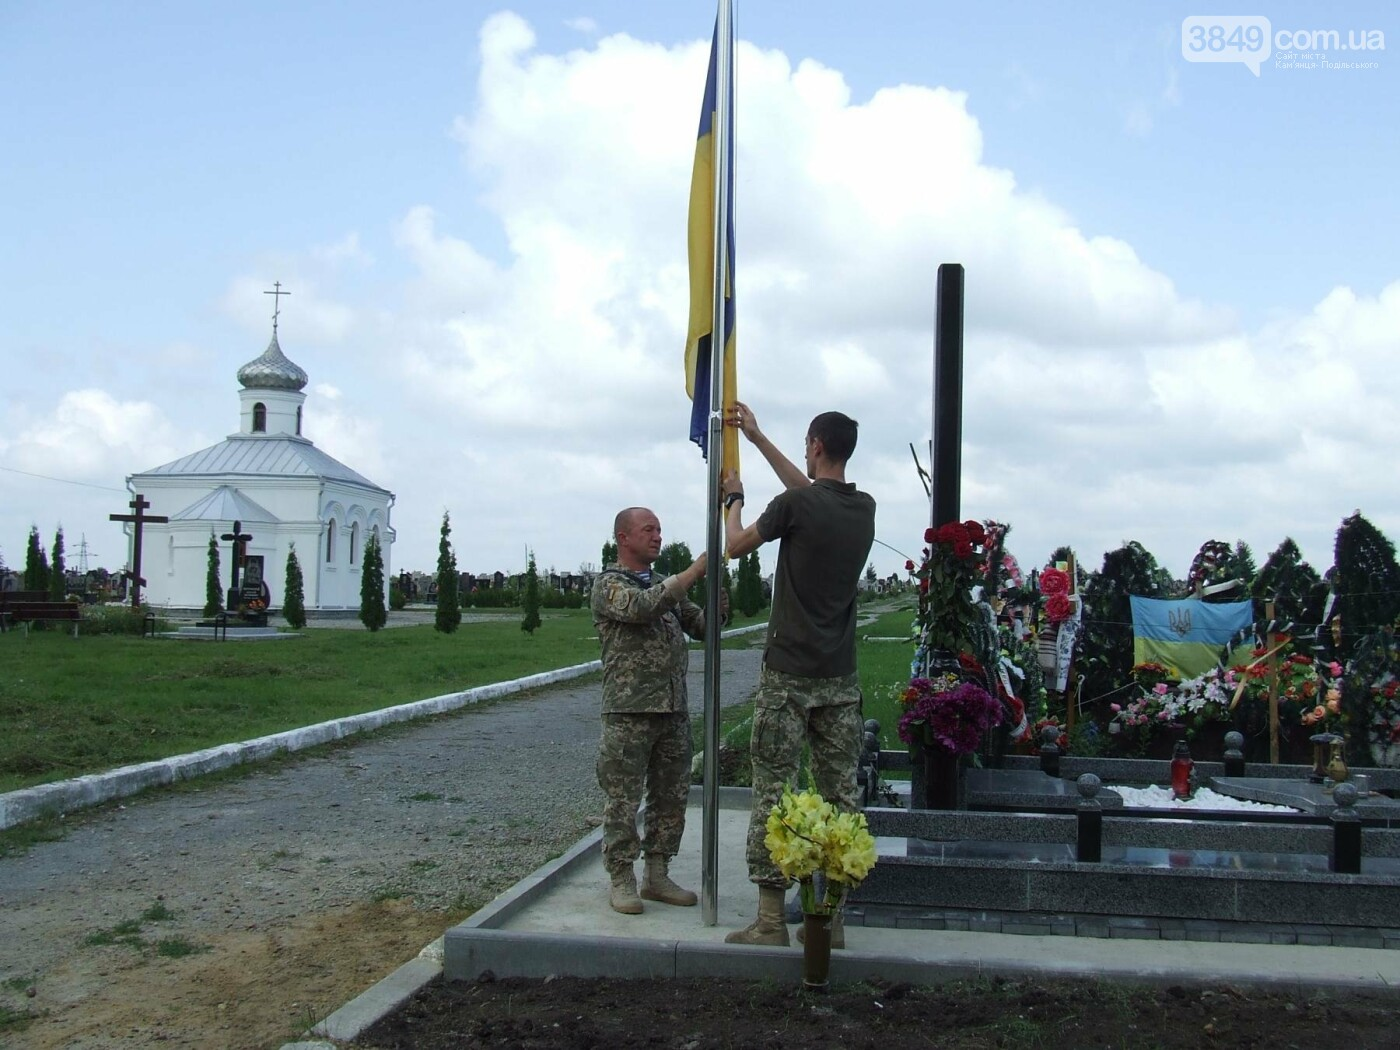 Річниця скорботи: у Кам'янці освятили меморіал Героя Ростислава Доброшинського, фото-17